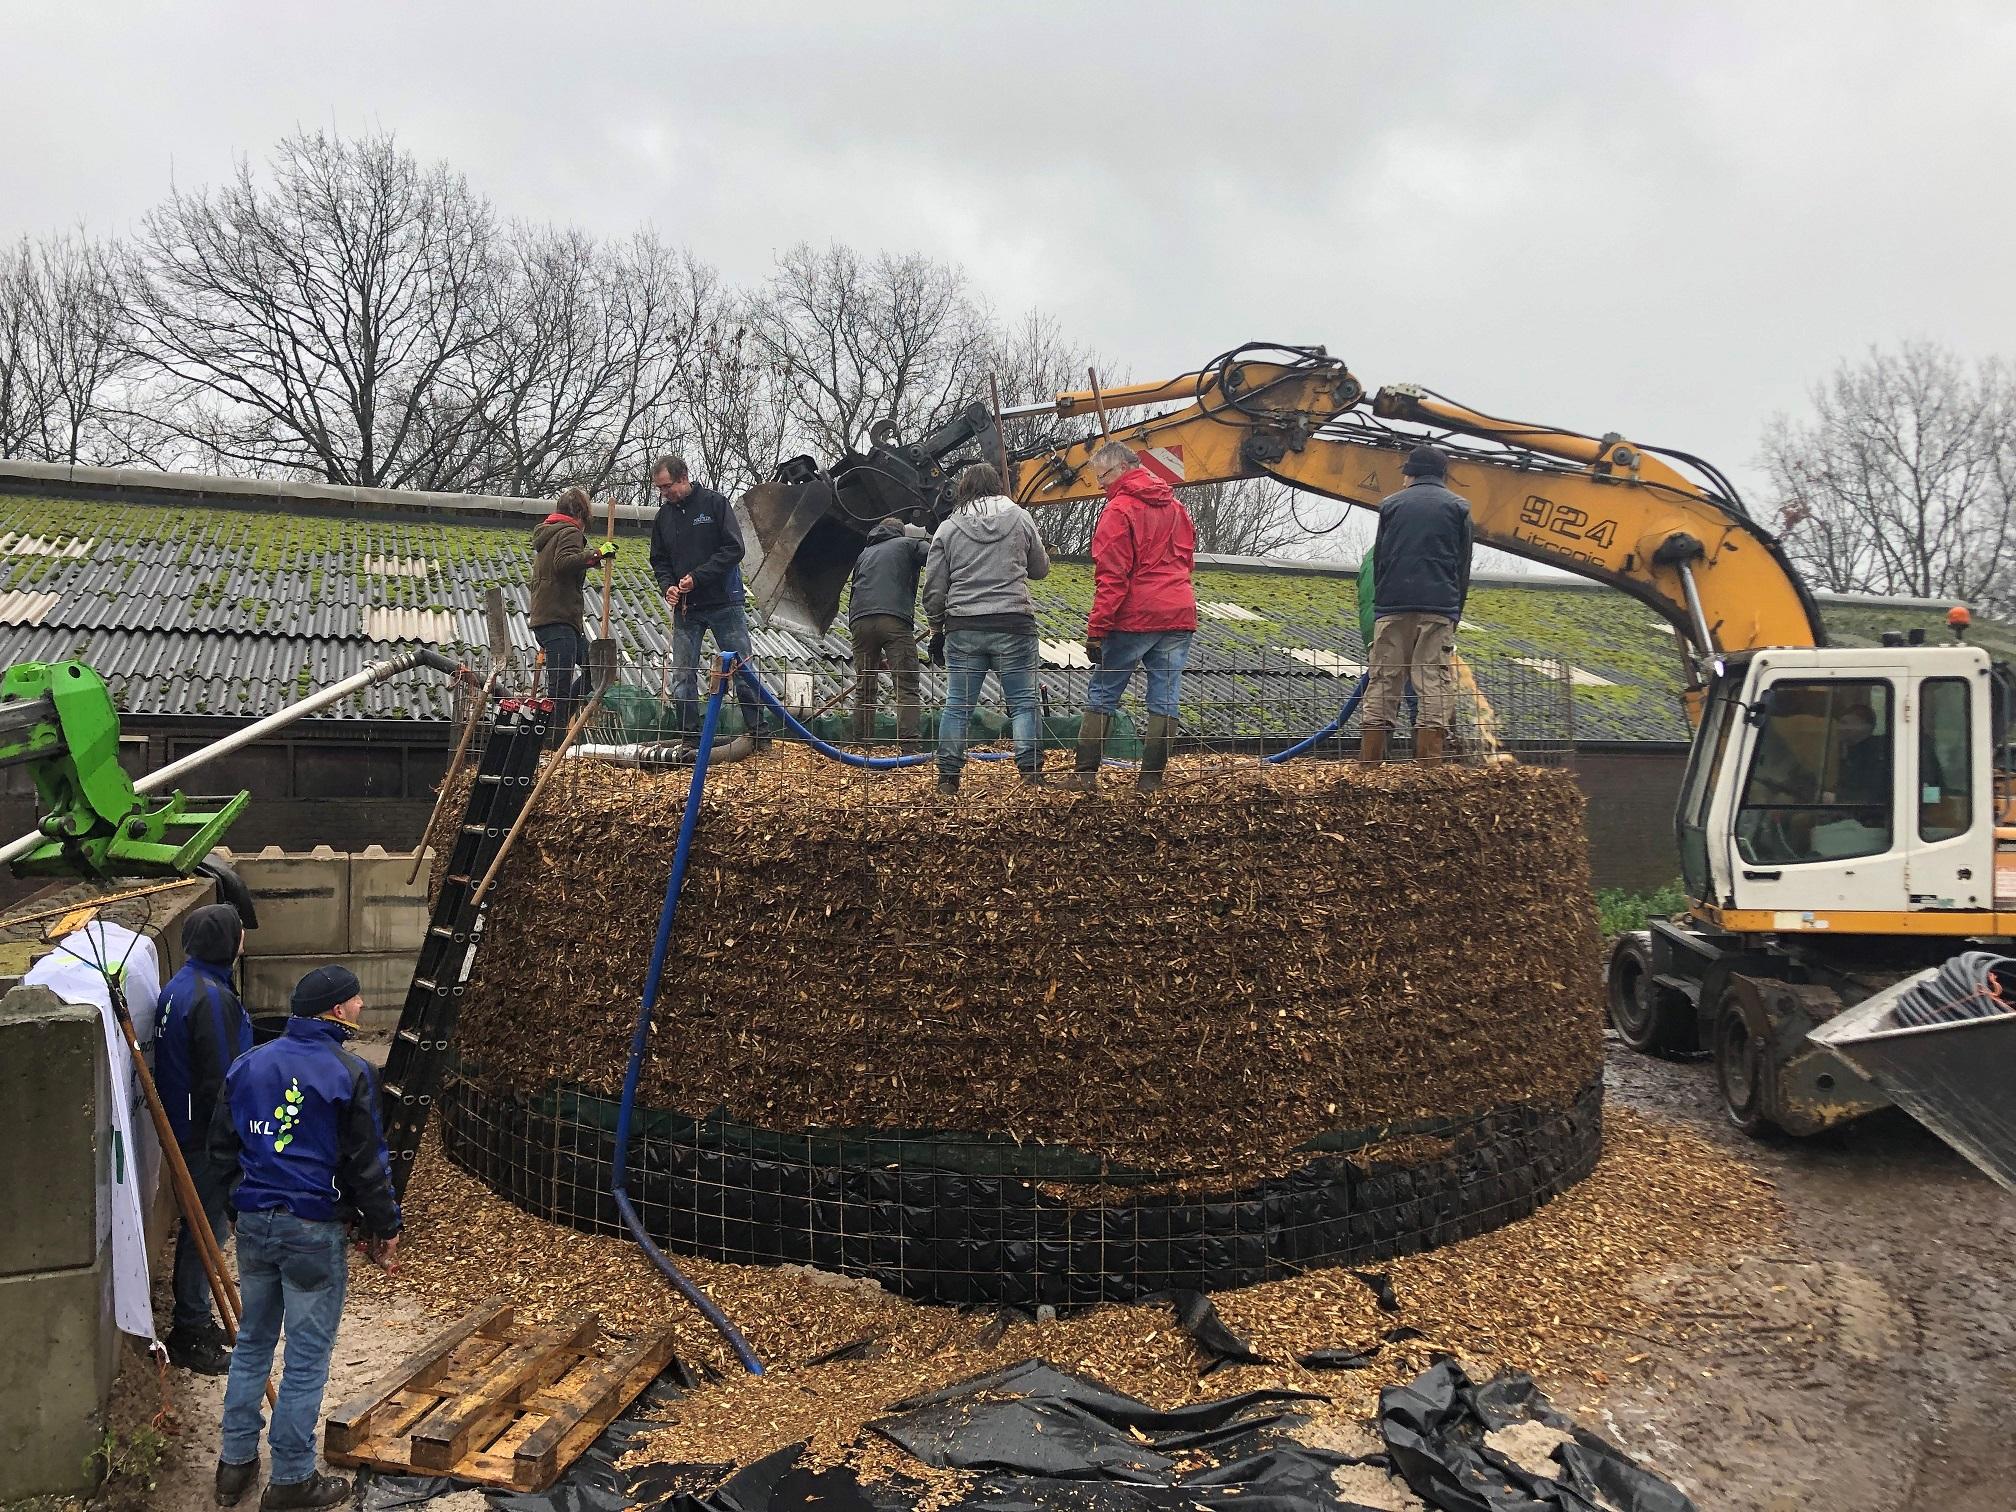 Opbouw van de biomeiler in het Limburgse Voerendaal.